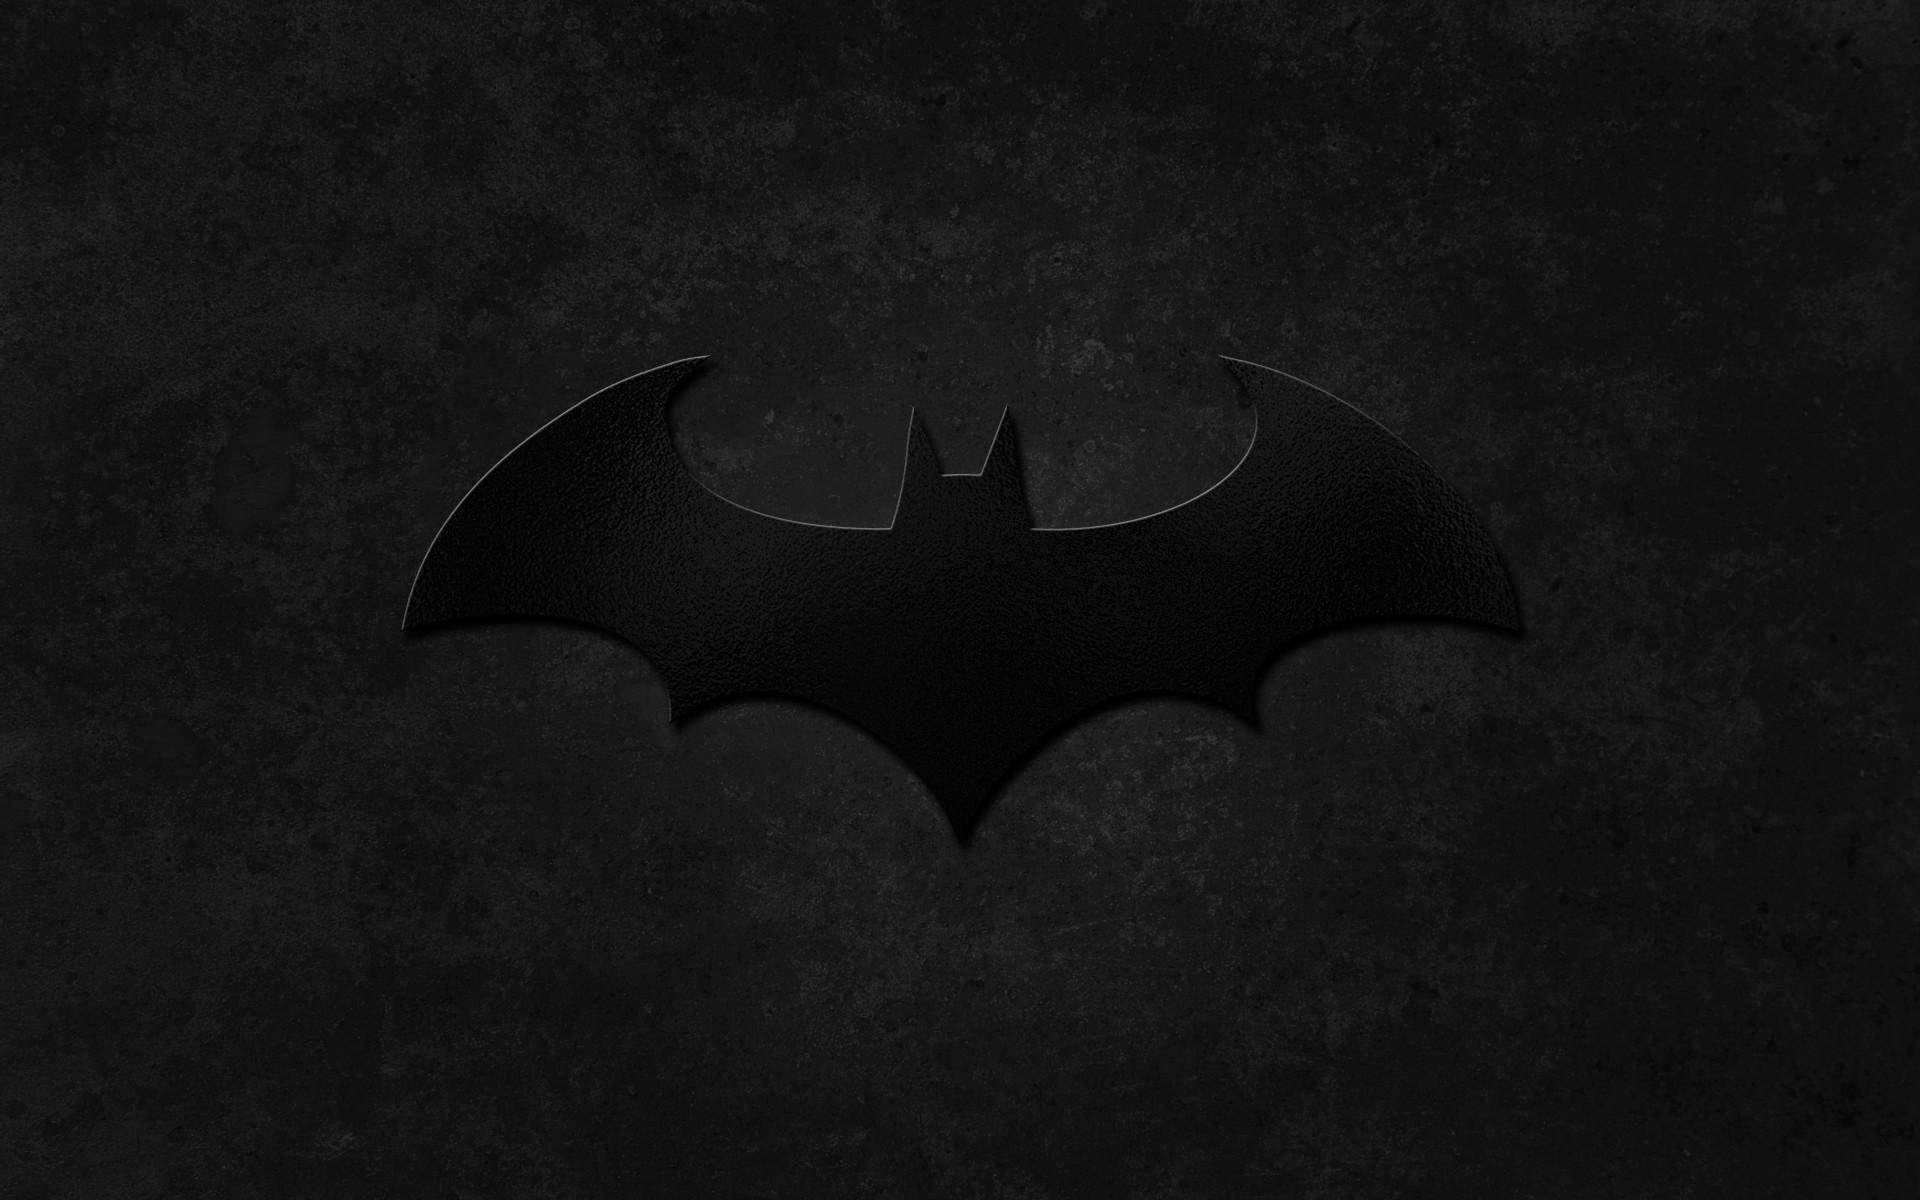 Batman logo wallpaper hd 74 images for Sfondi batman